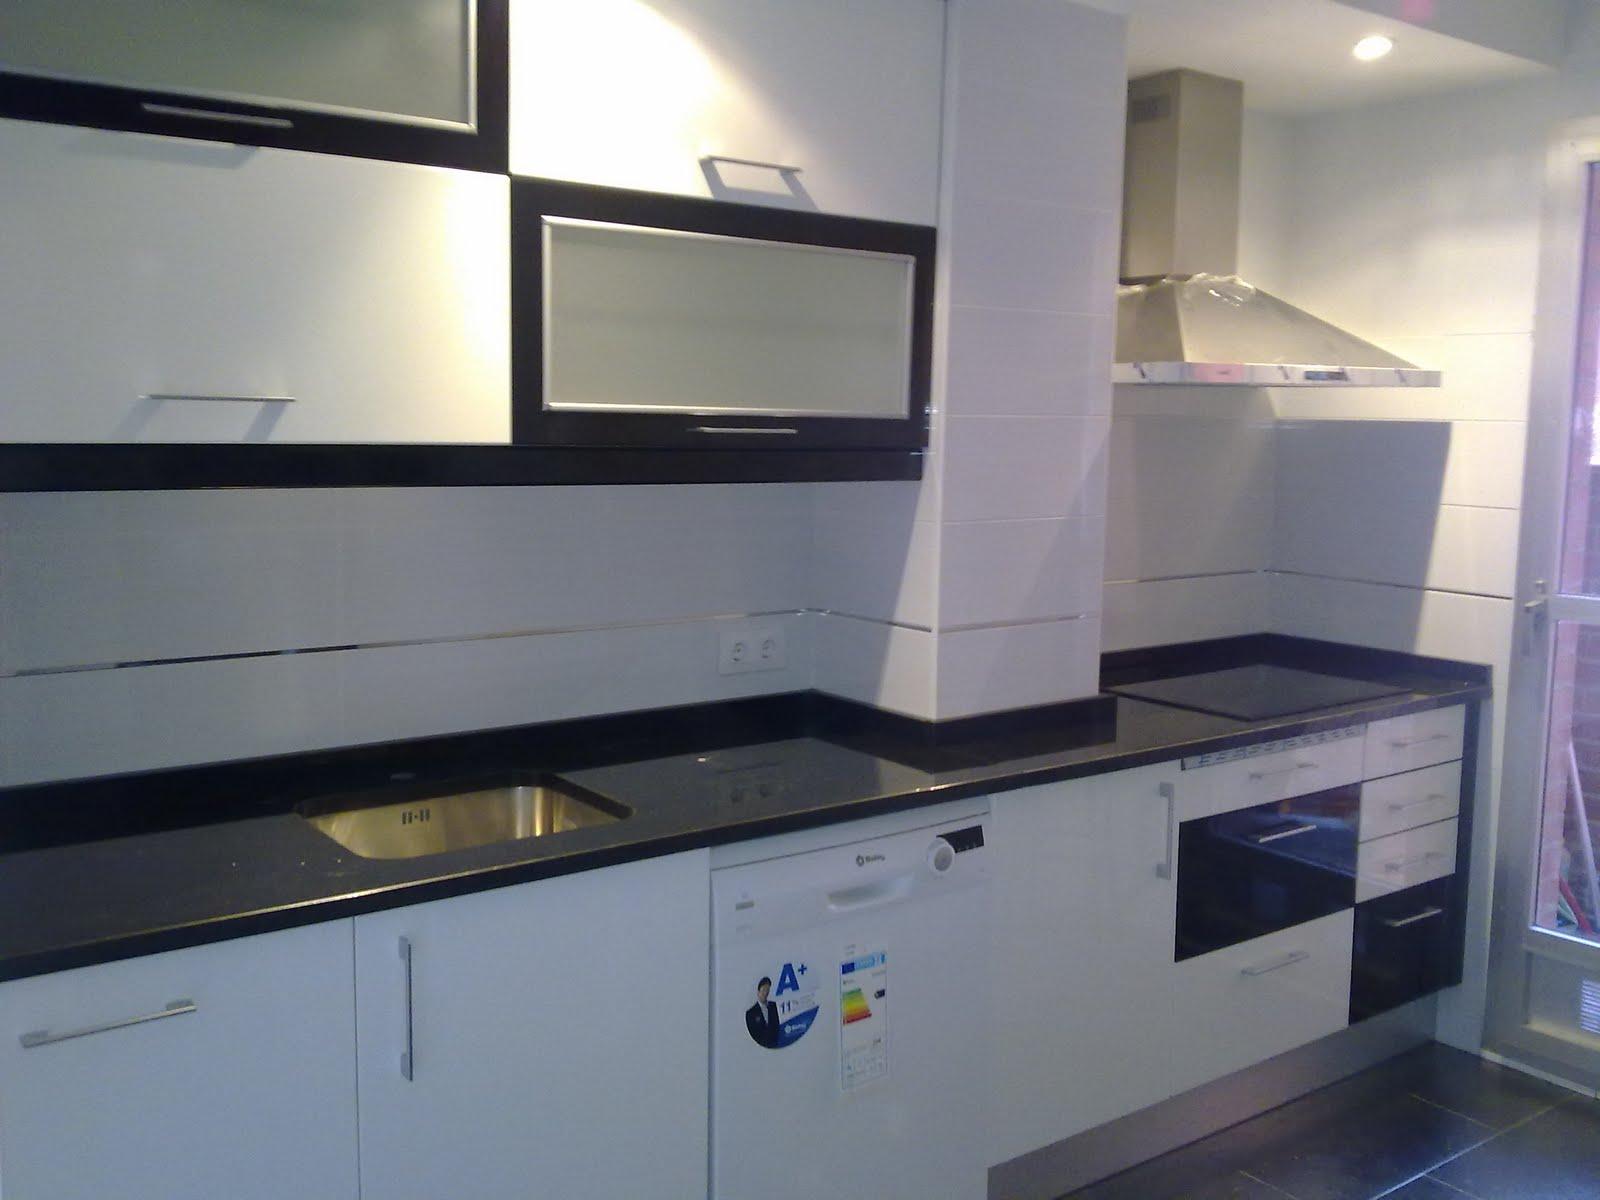 Laminado alto brillo 2011 1 a 5 cocinas ayz eurolar madrid for Cocina blanca encimera negra